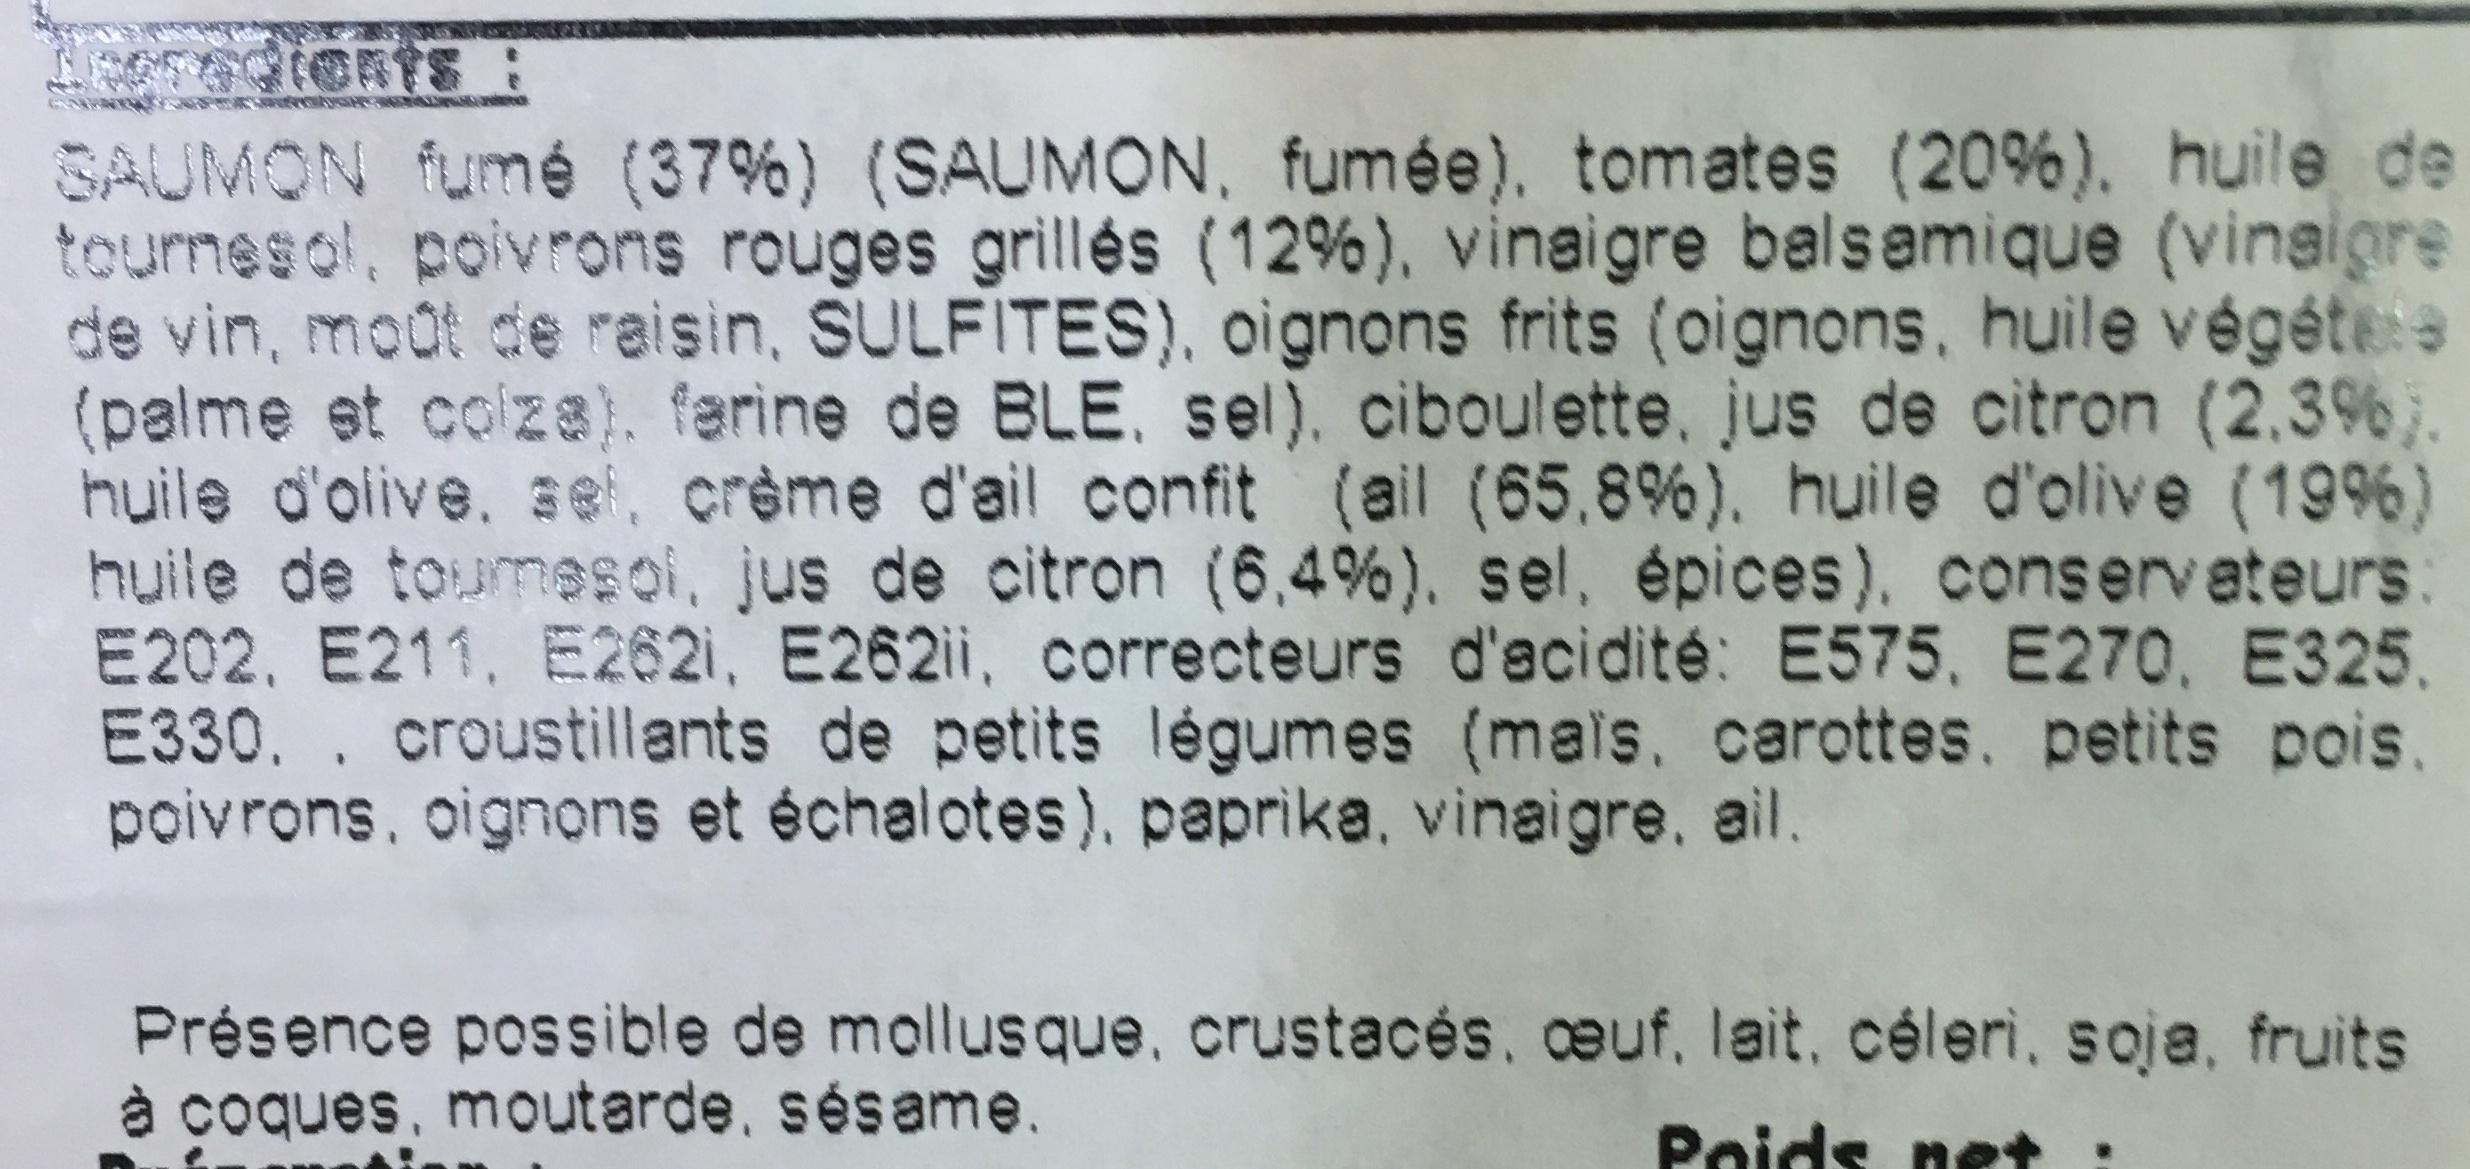 Tapas Saumon fumé tomates séchées & poivrons grillés marinade au citron - Ingrédients